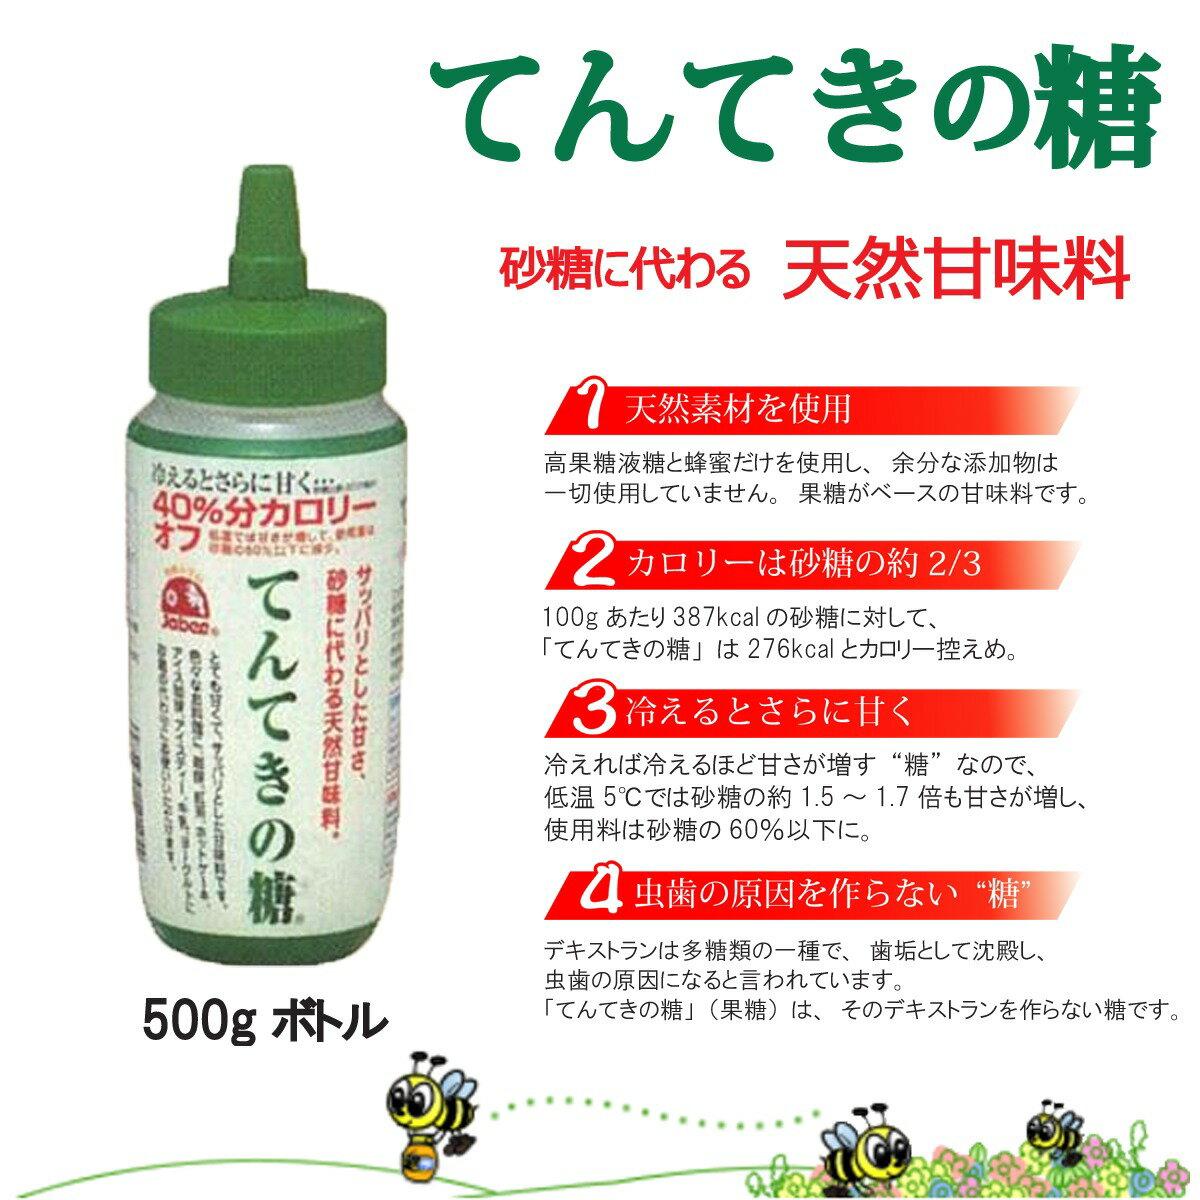 【やまと蜂蜜】てんてきの糖500gボトル(500g×1本)